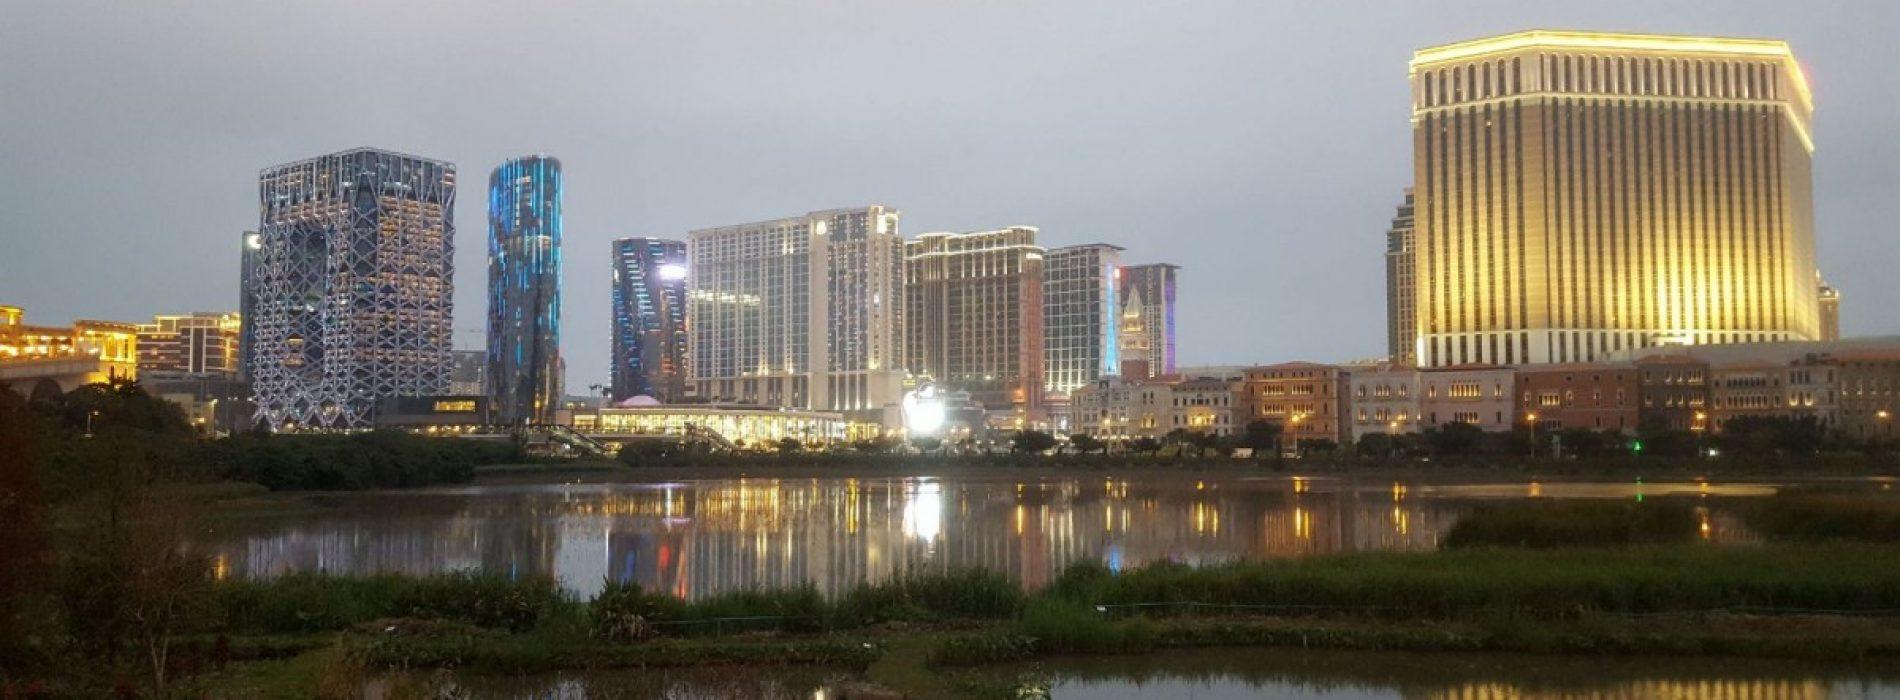 Macao, Las Vegas-ul Asiei, face spectacol